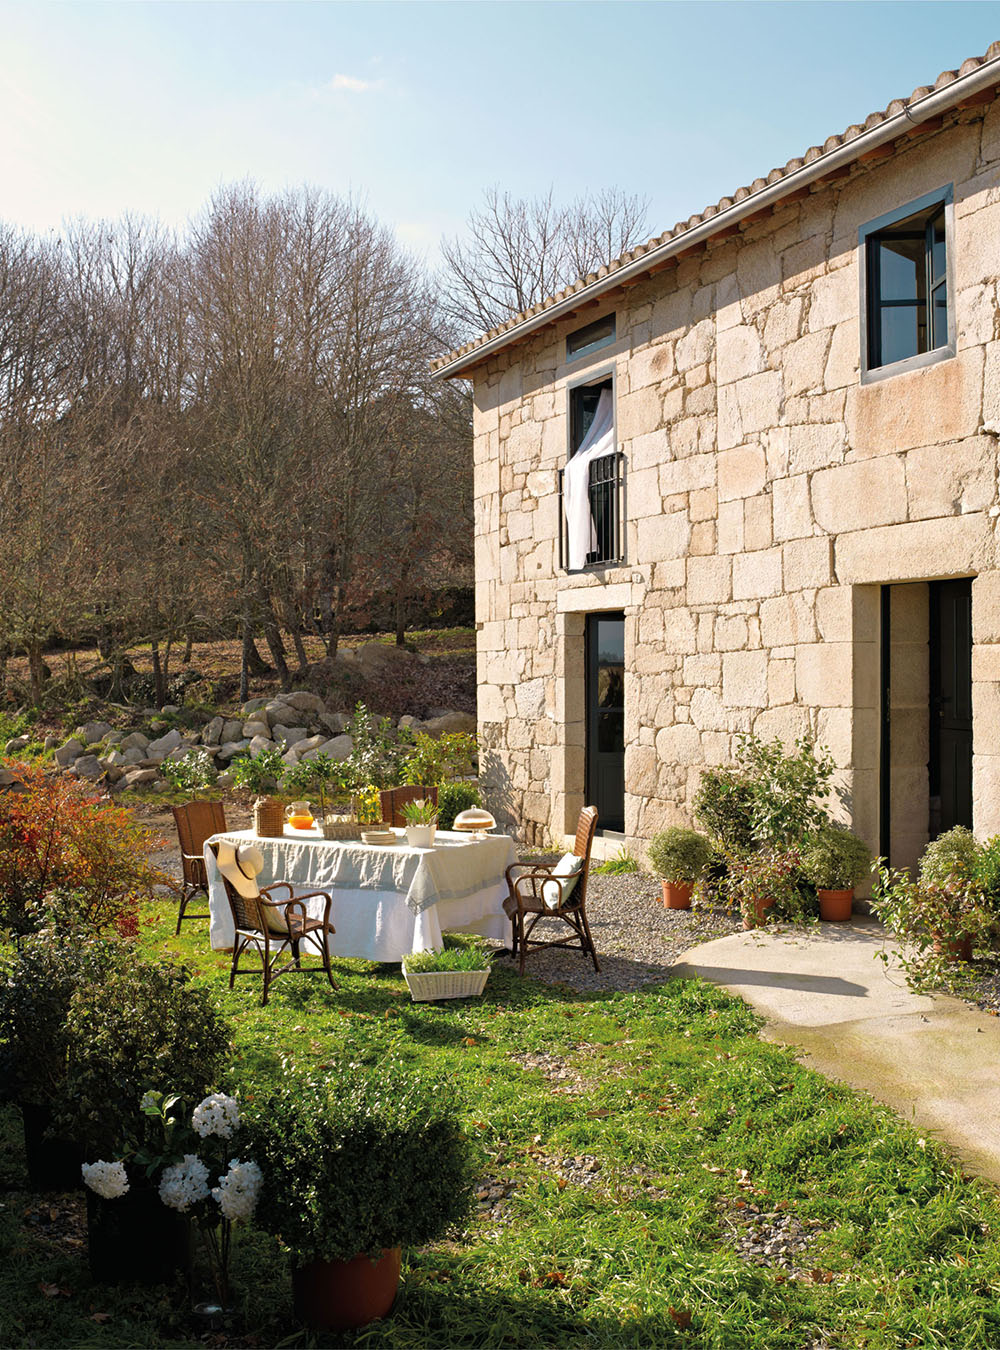 Una Casa Rustica Con Vigas De Madera - Casitas-rusticas-de-campo